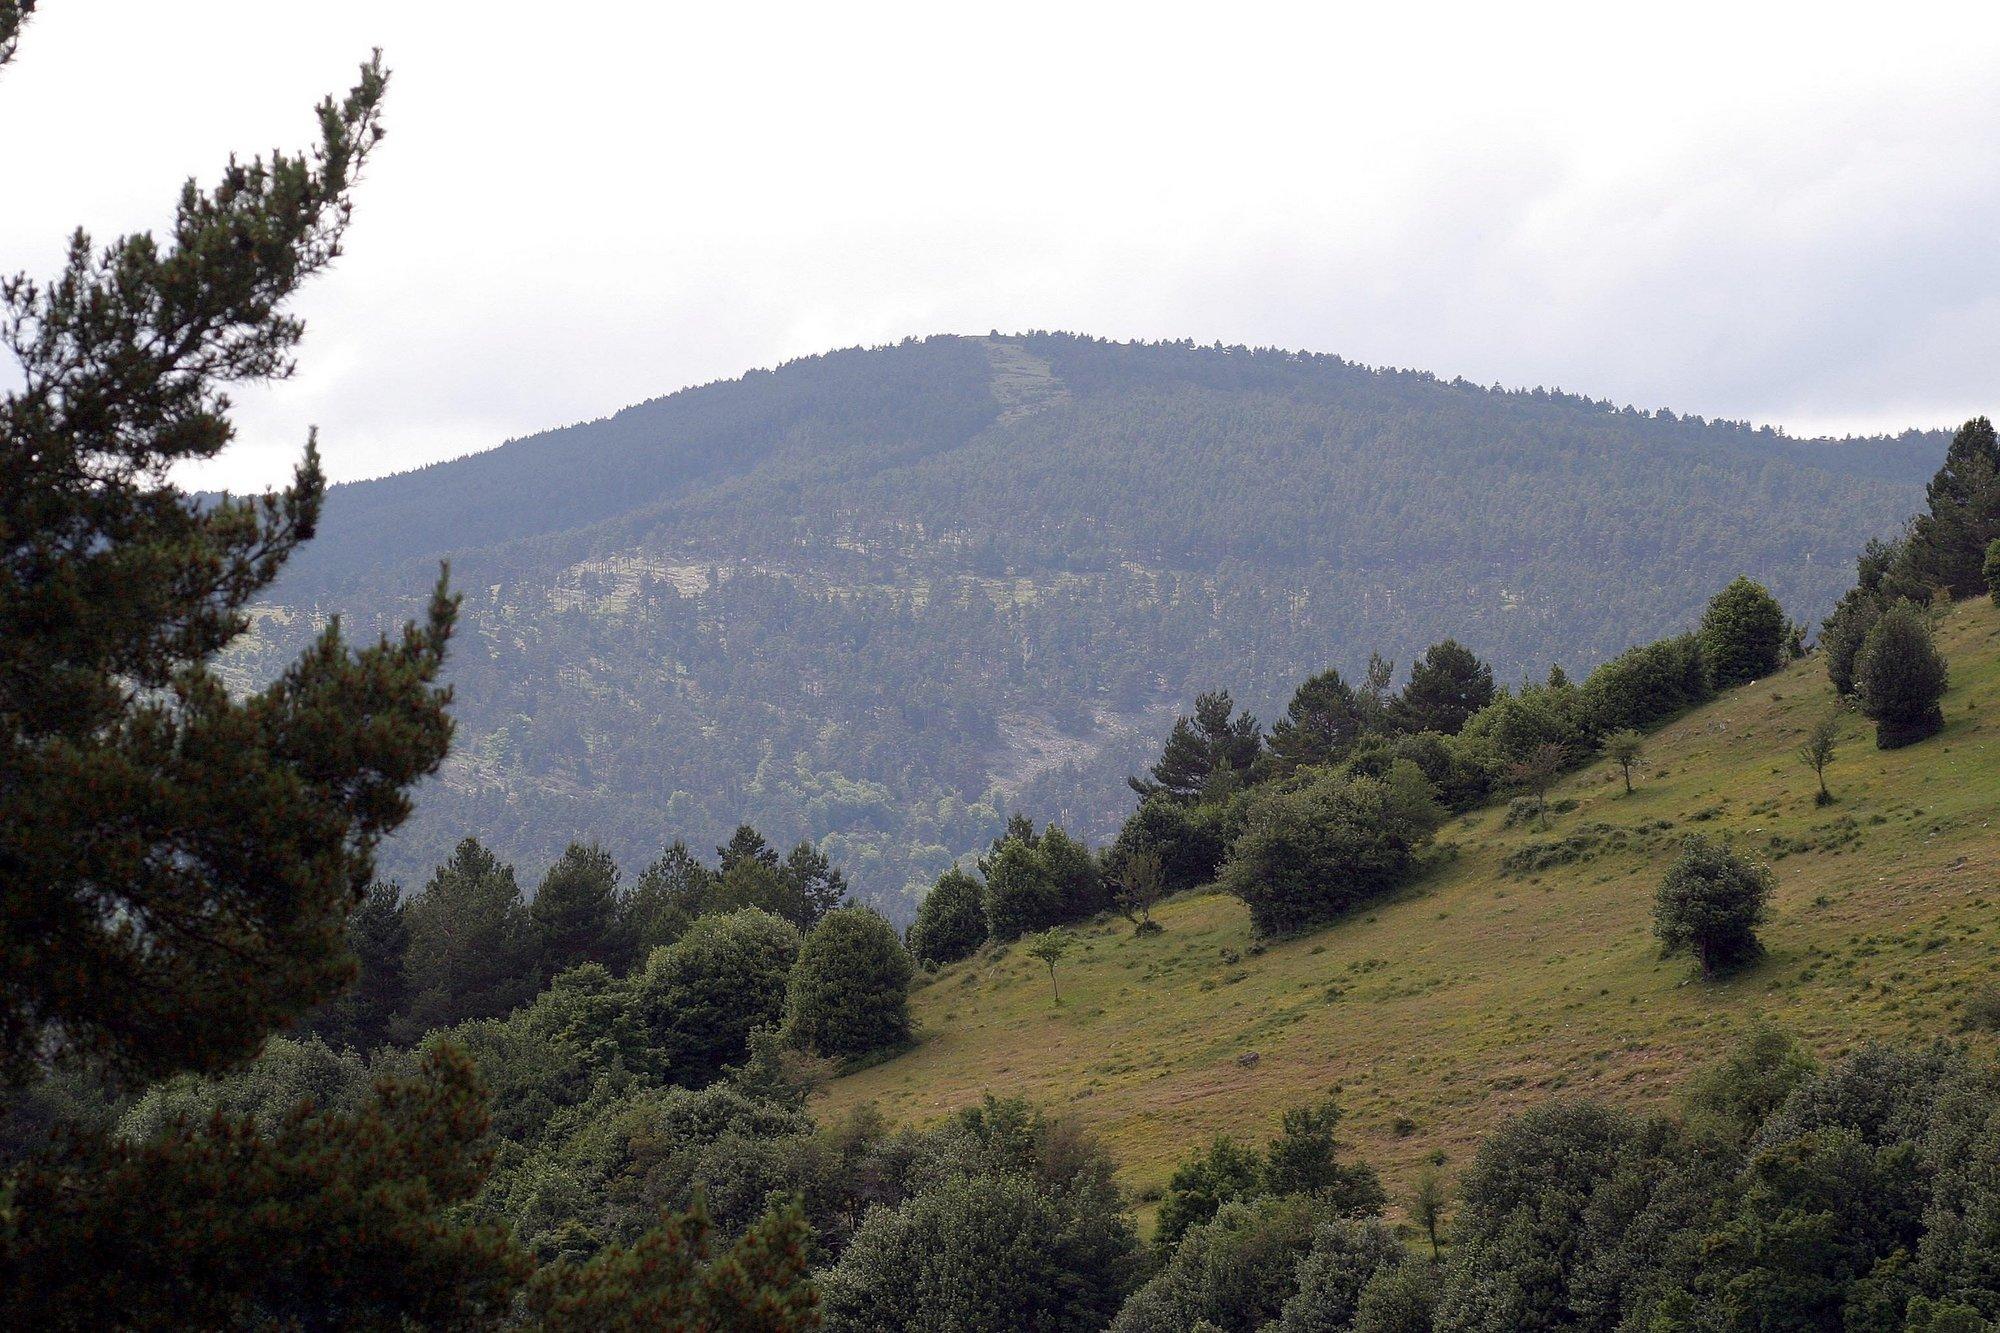 El Parque Sierra Cebollera propone un recorrido guiado al castro de los Monjes y otros hallazgos arqueológicos